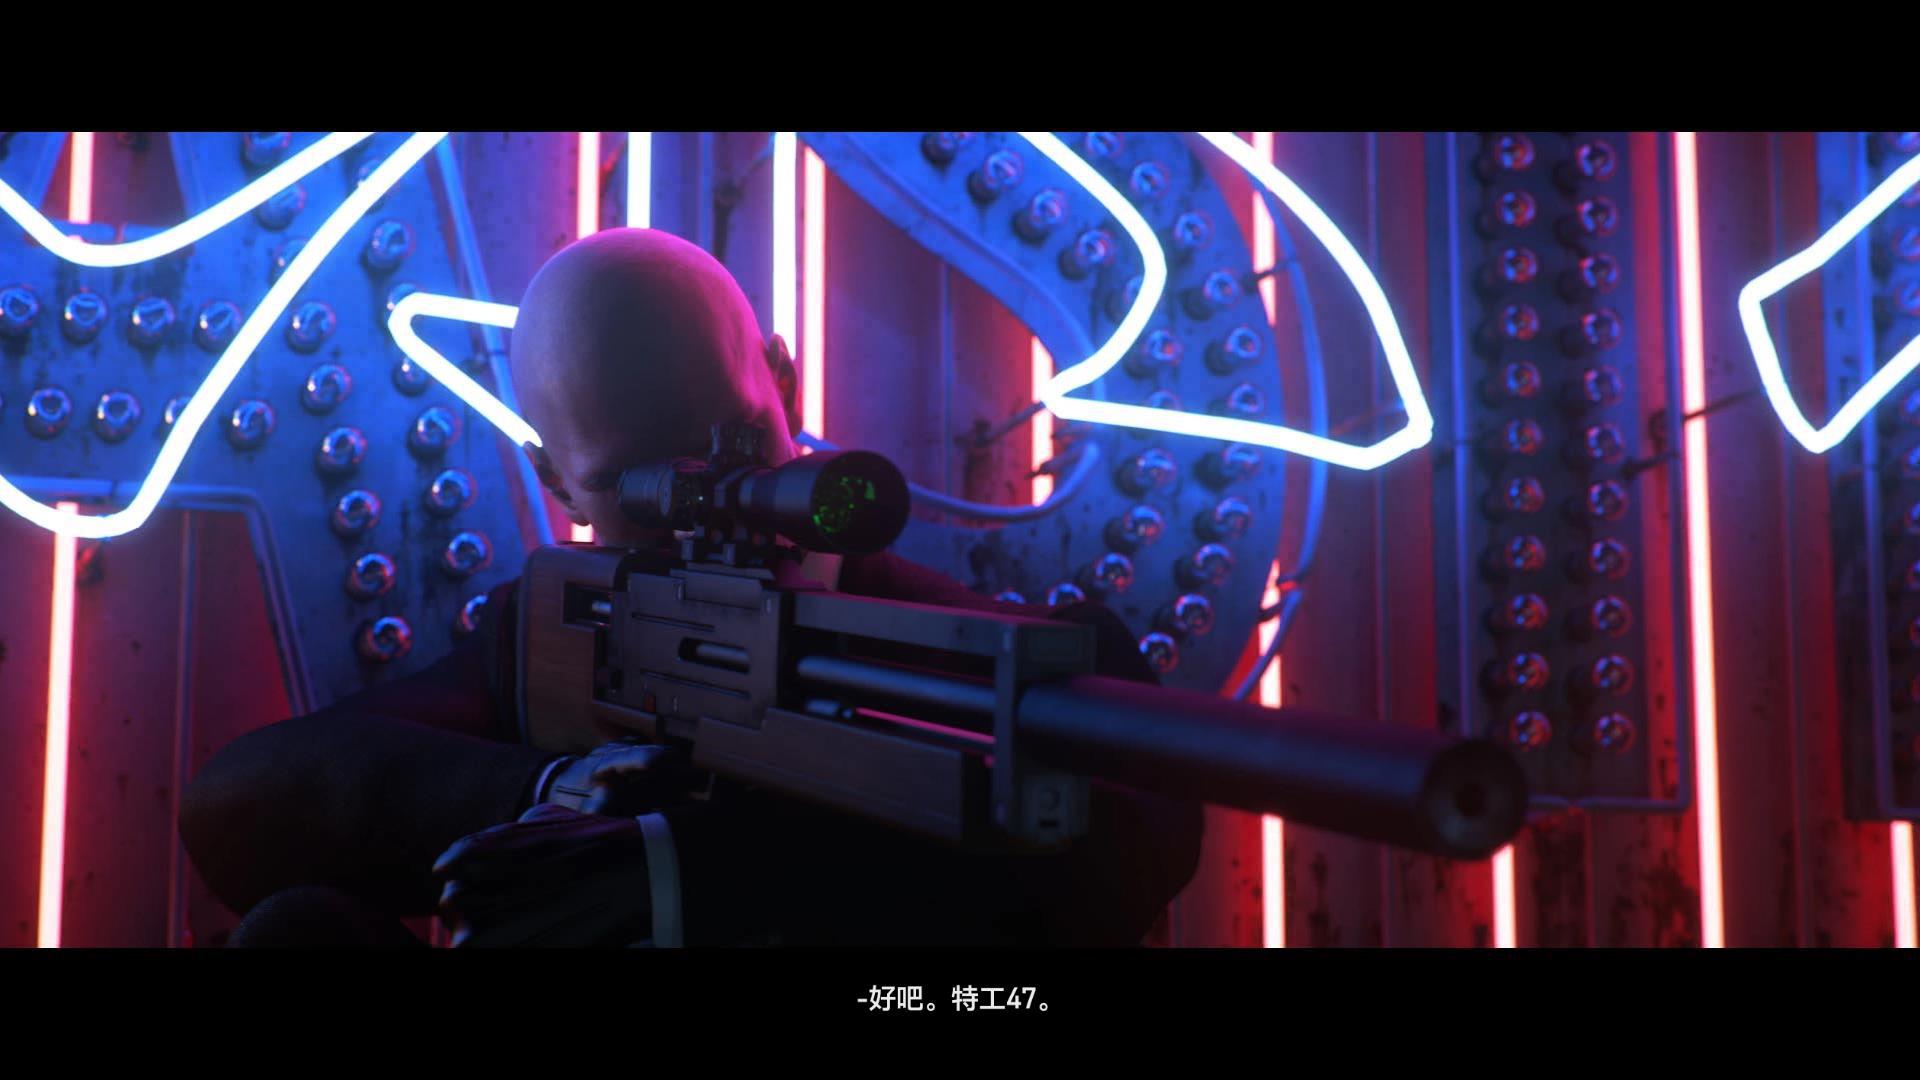 《杀手6》评测:古典的回归,五彩斑斓的暗杀